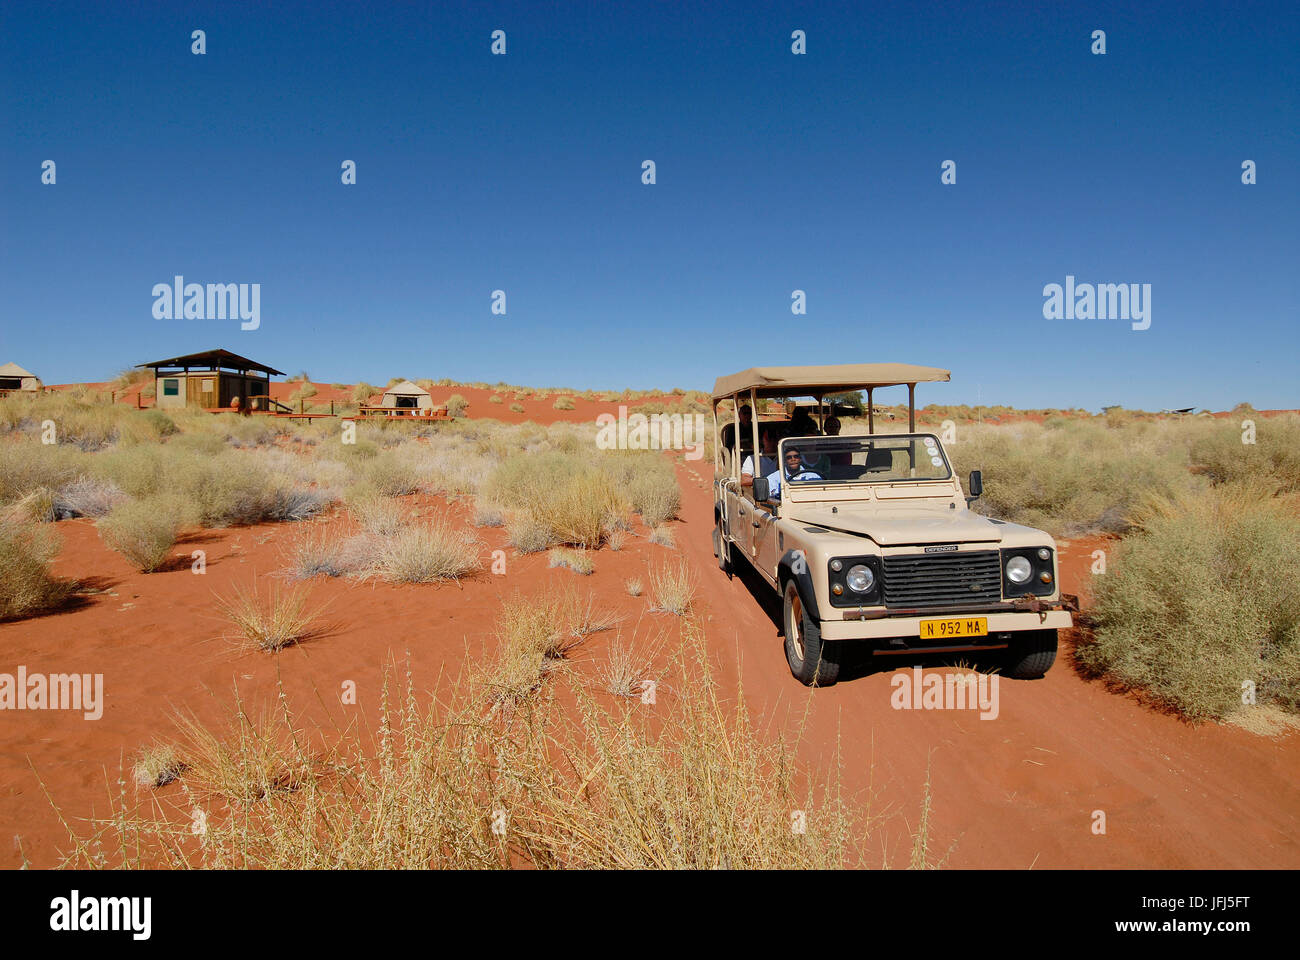 Africa, Namibia, NamibRand Nature Reserve, Wolwedane Dunes, camp, safari, sport utility vehicle - Stock Image